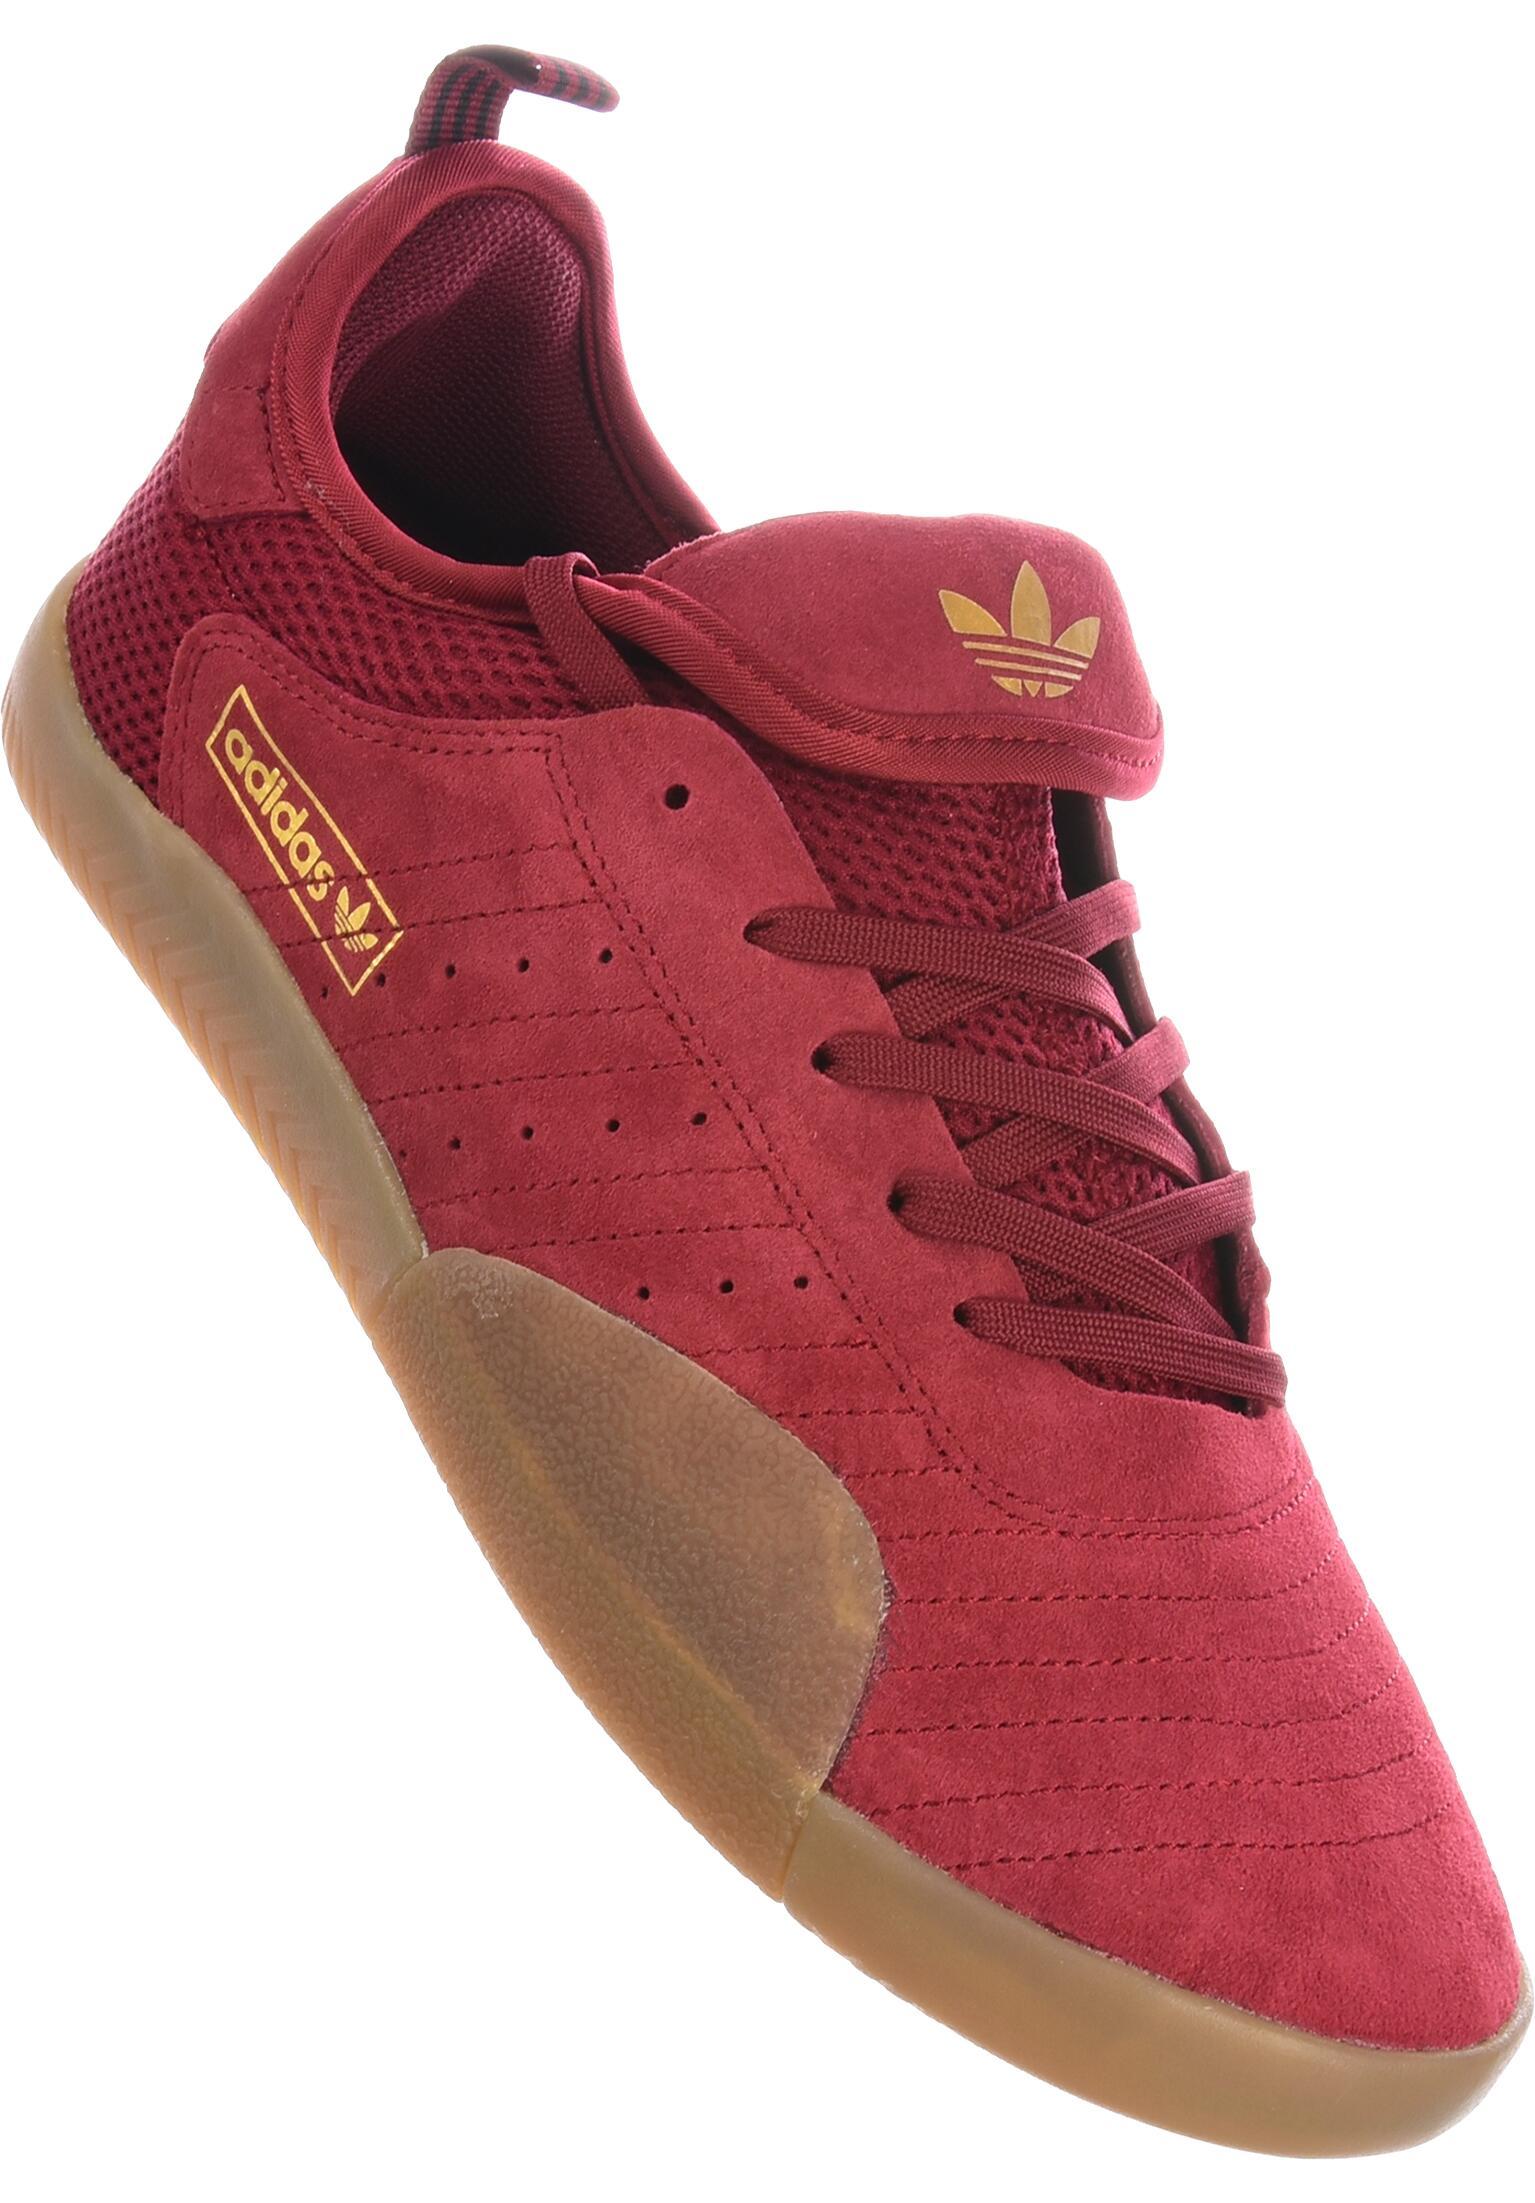 3ST.003 adidas skateboarding Alle Schuhe in burgundy gum für